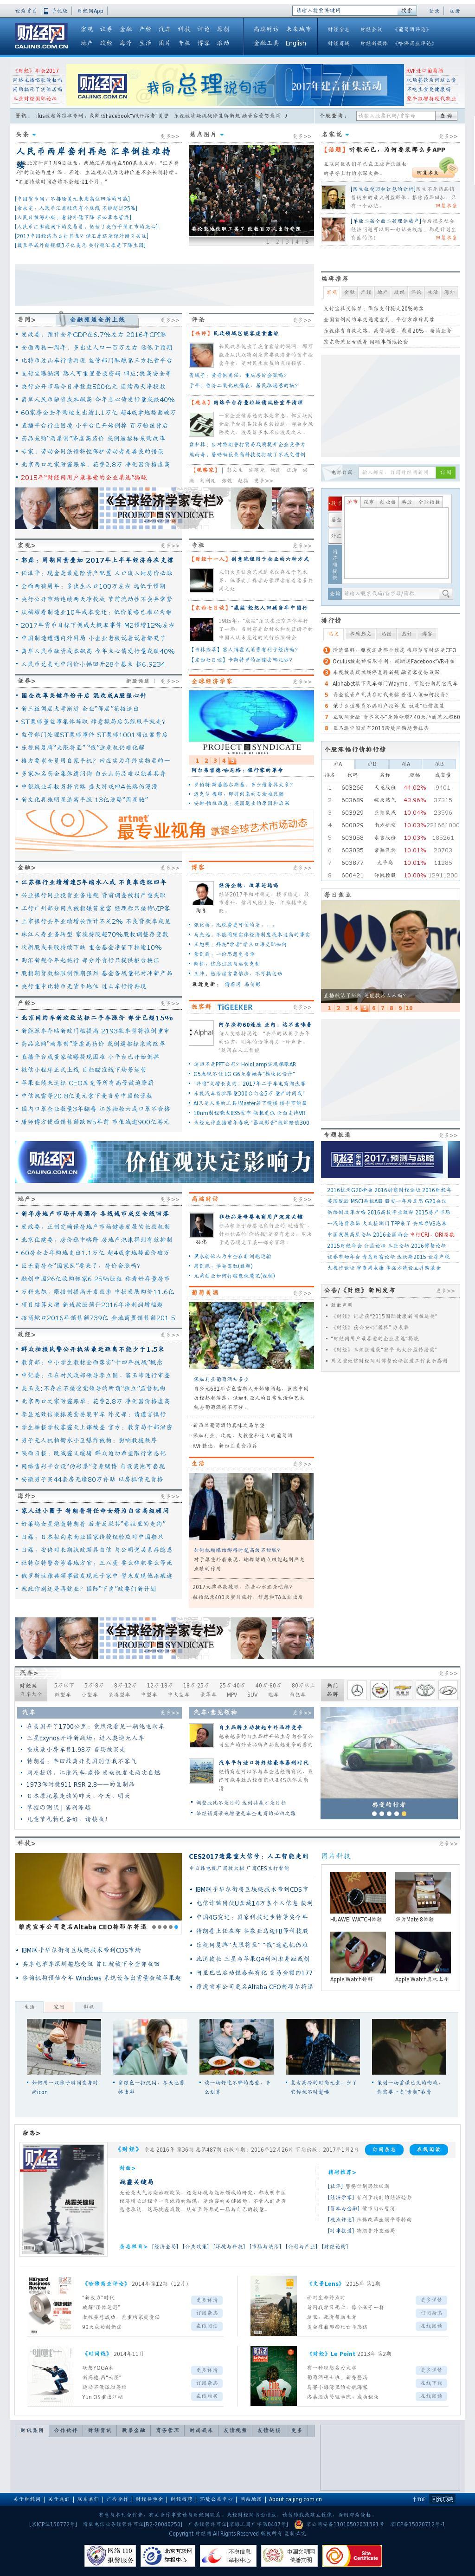 Caijing at Tuesday Jan. 10, 2017, 6 a.m. UTC